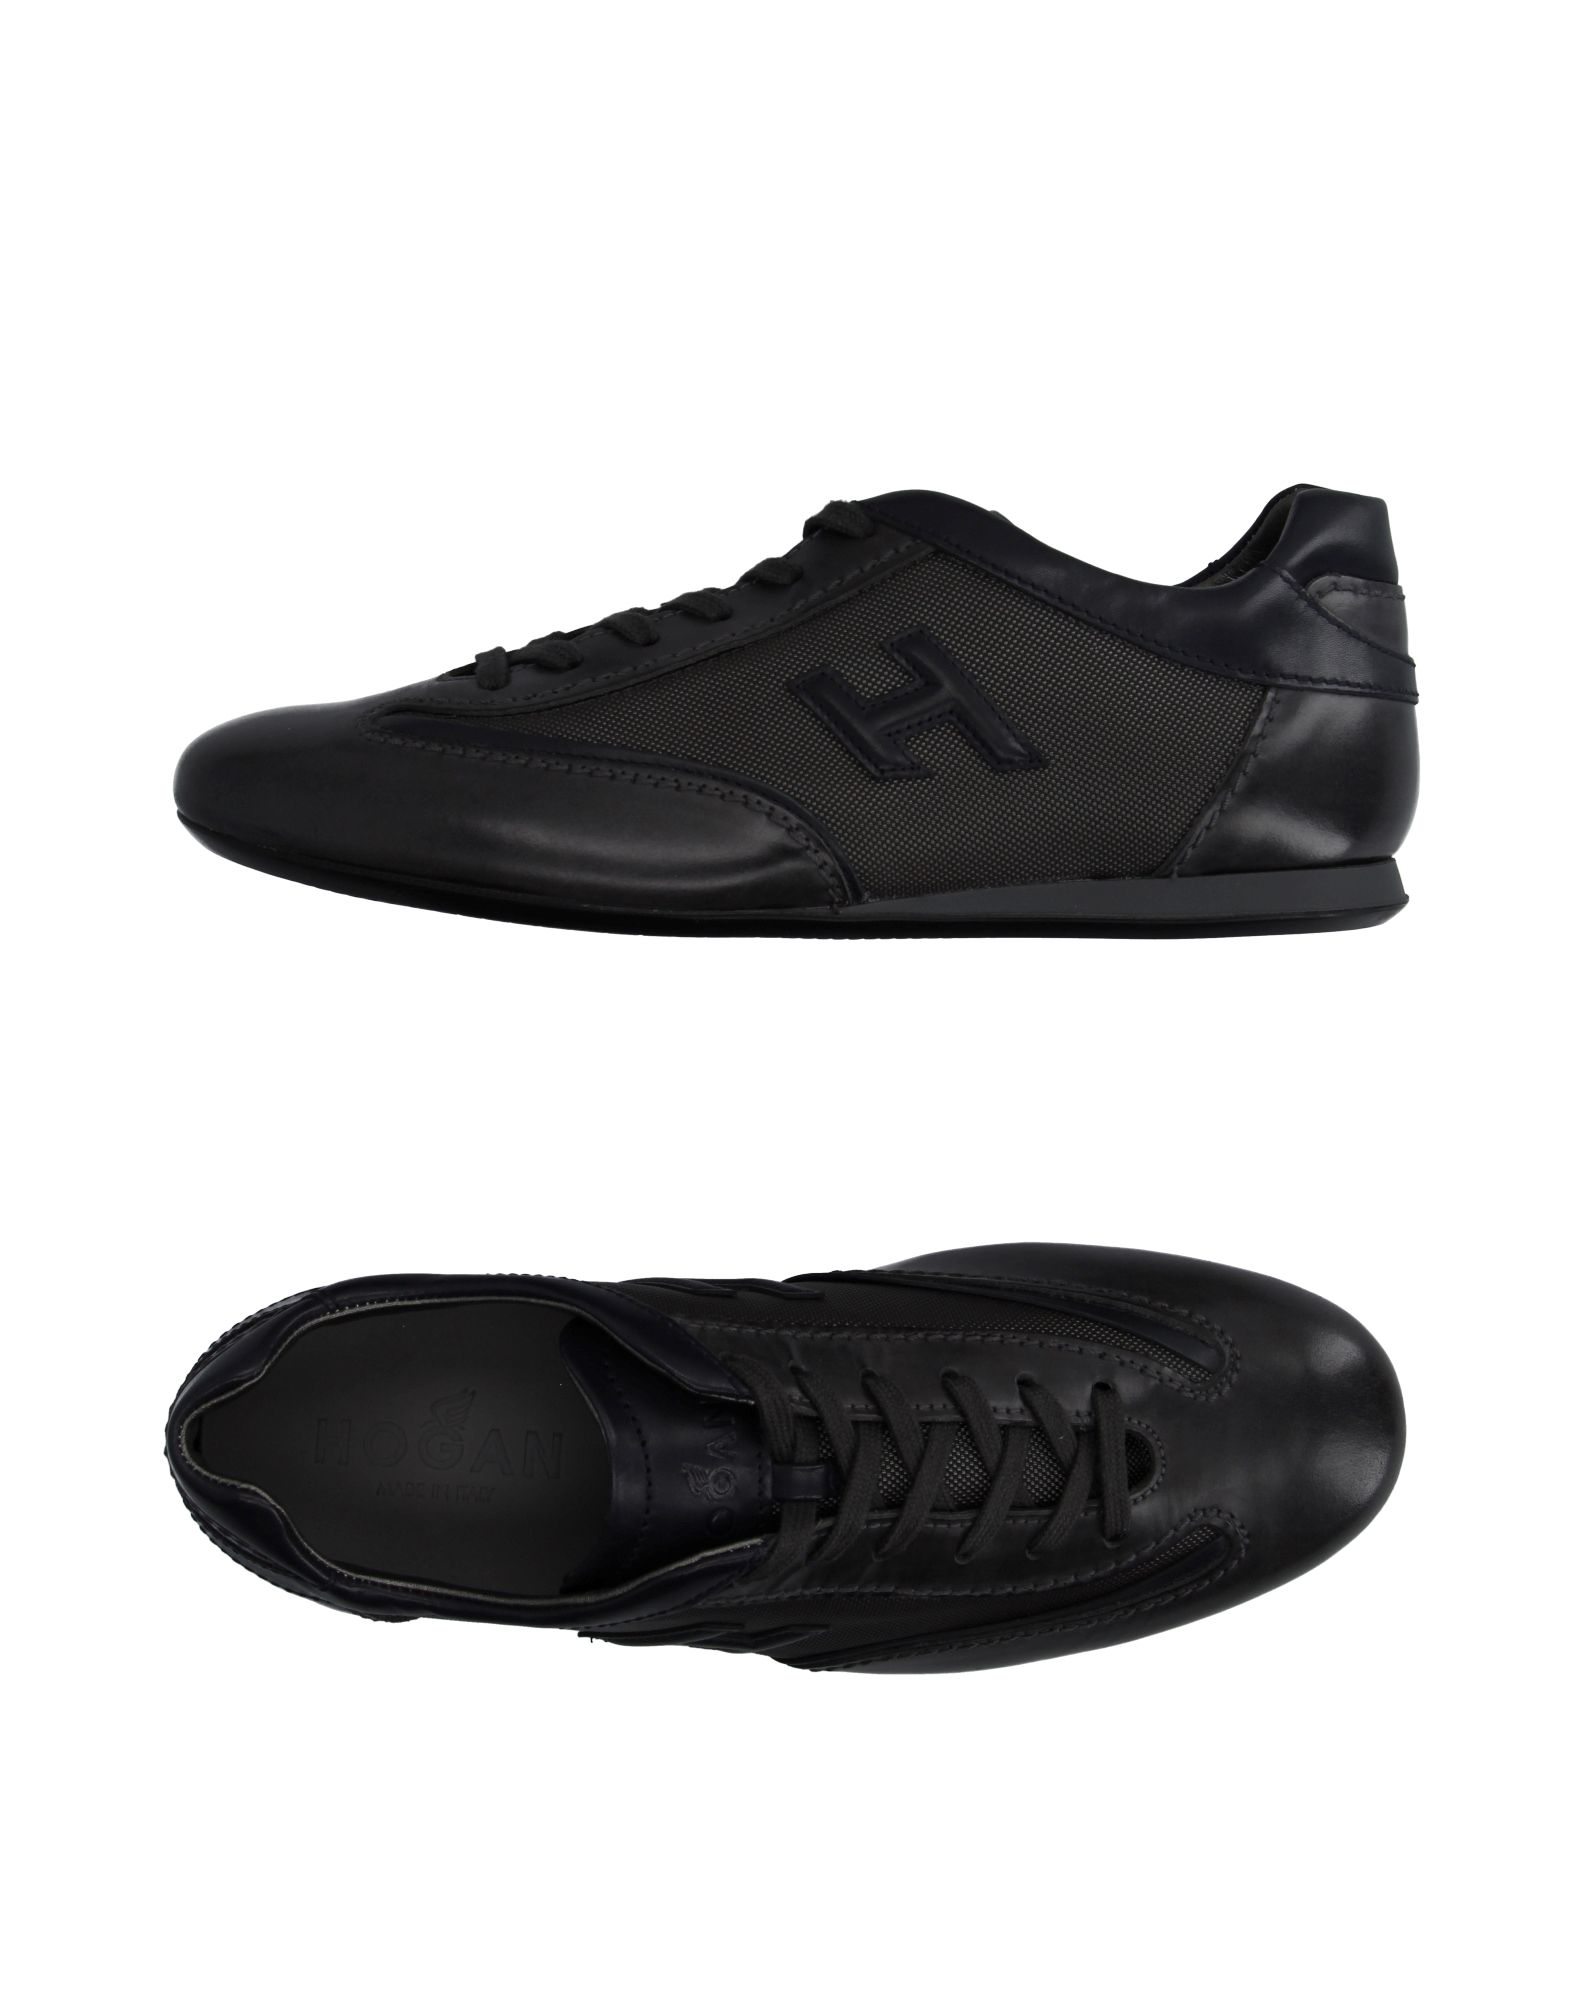 Hogan Herren Sneakers Herren Hogan  11038356FQ e4c8af